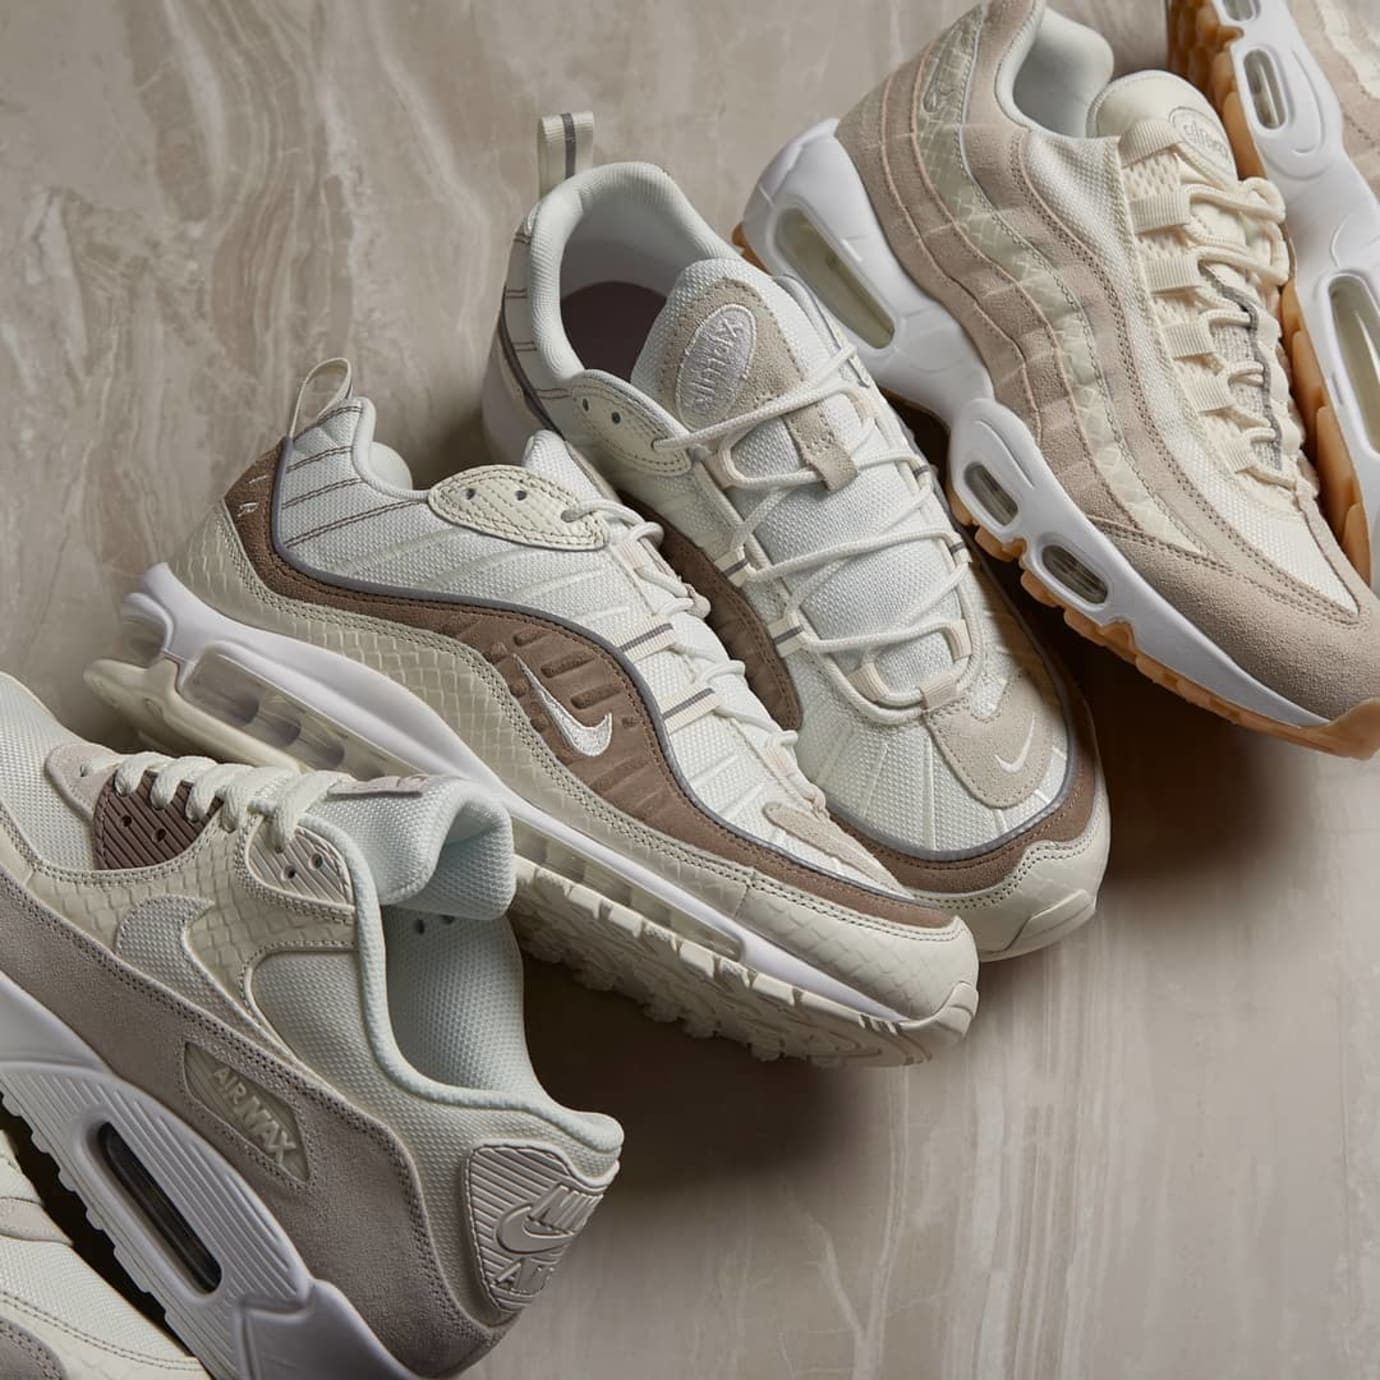 best sneakers 5063c 4d721 Nike Air Max  Snakeskin  Pack AO9380-100 700155-102 538416-102